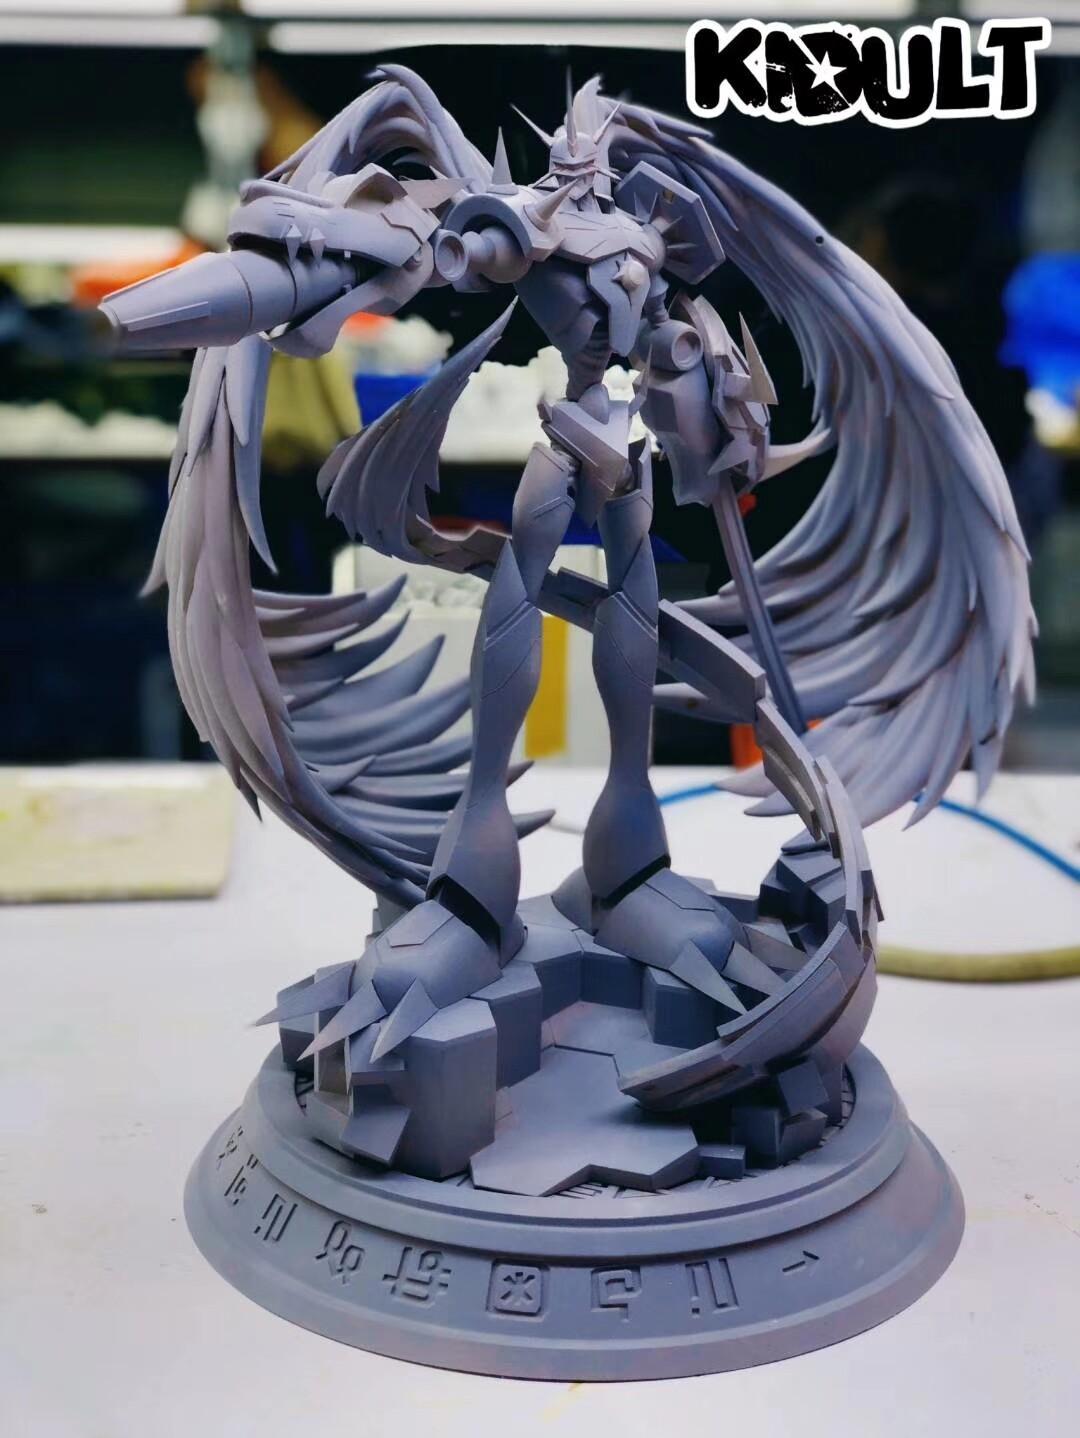 (PO) Kidult Studio - Omegamon Merciful Mode